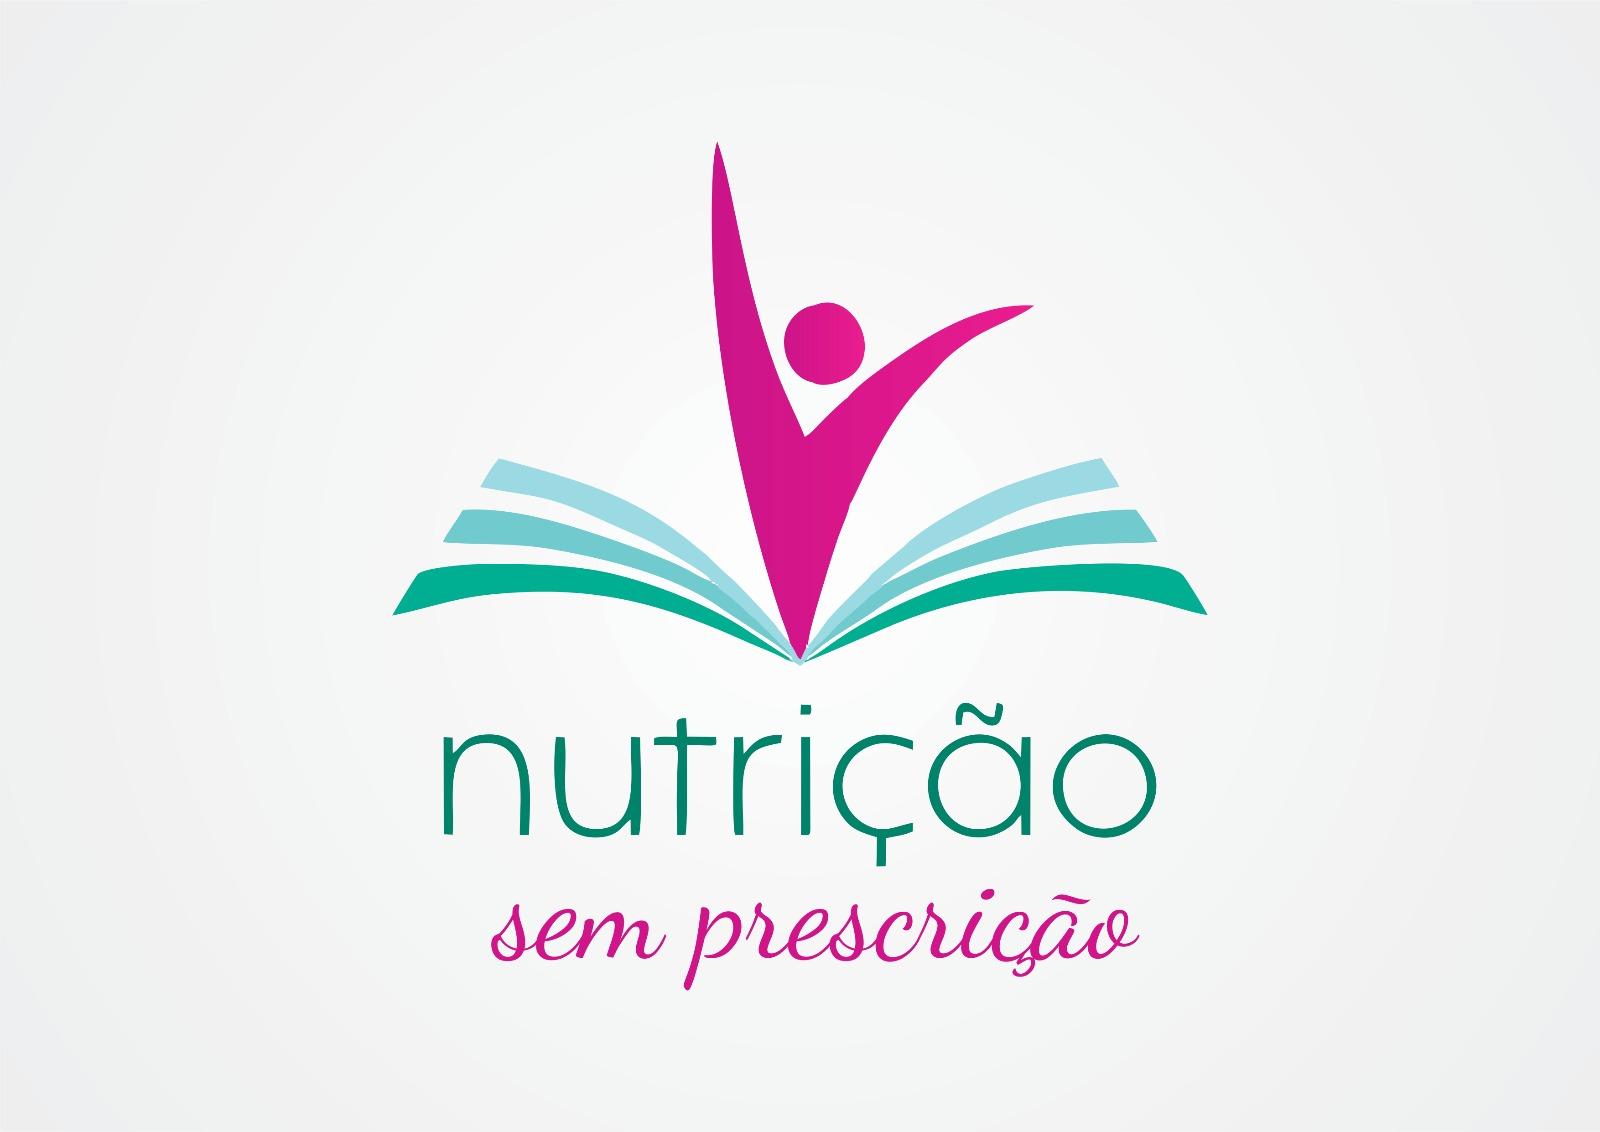 nutrição sem prescrição